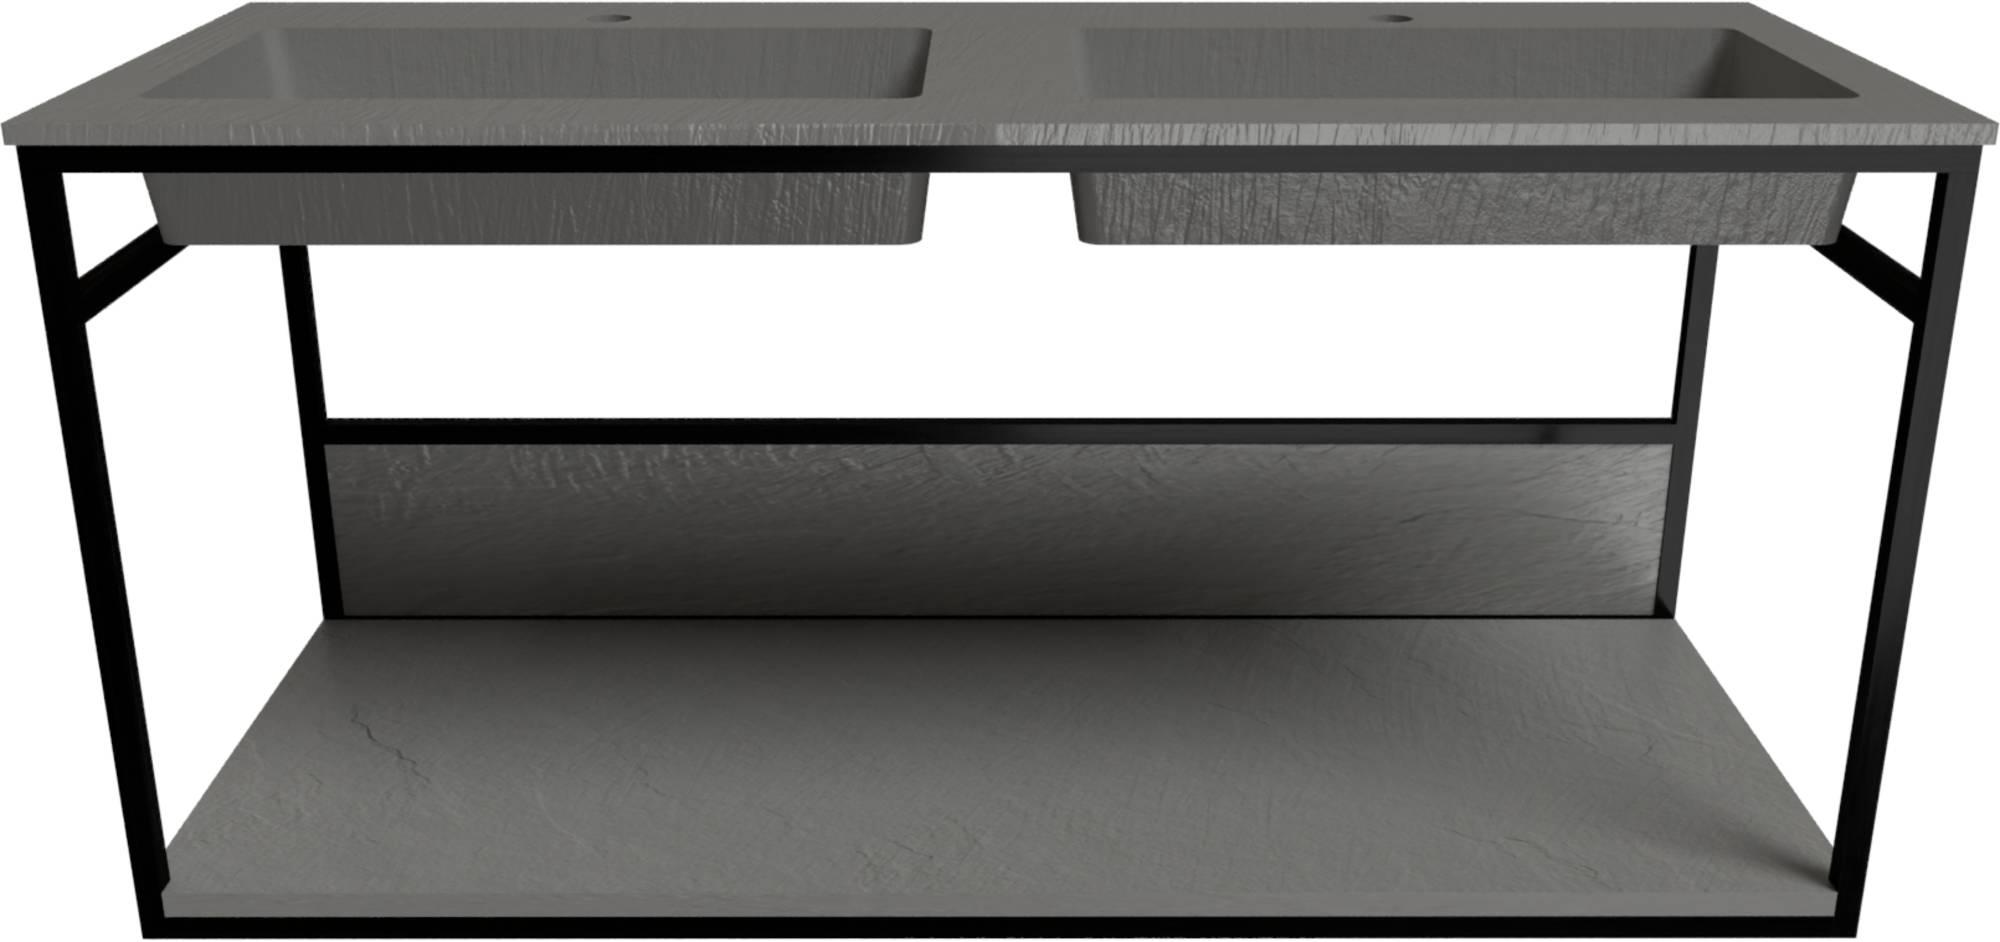 Ben Avira Set Muurframe met Wastafel 2 Krg. 120,3x46,5x52,3 cm Mat Zwart/Cement Grijs